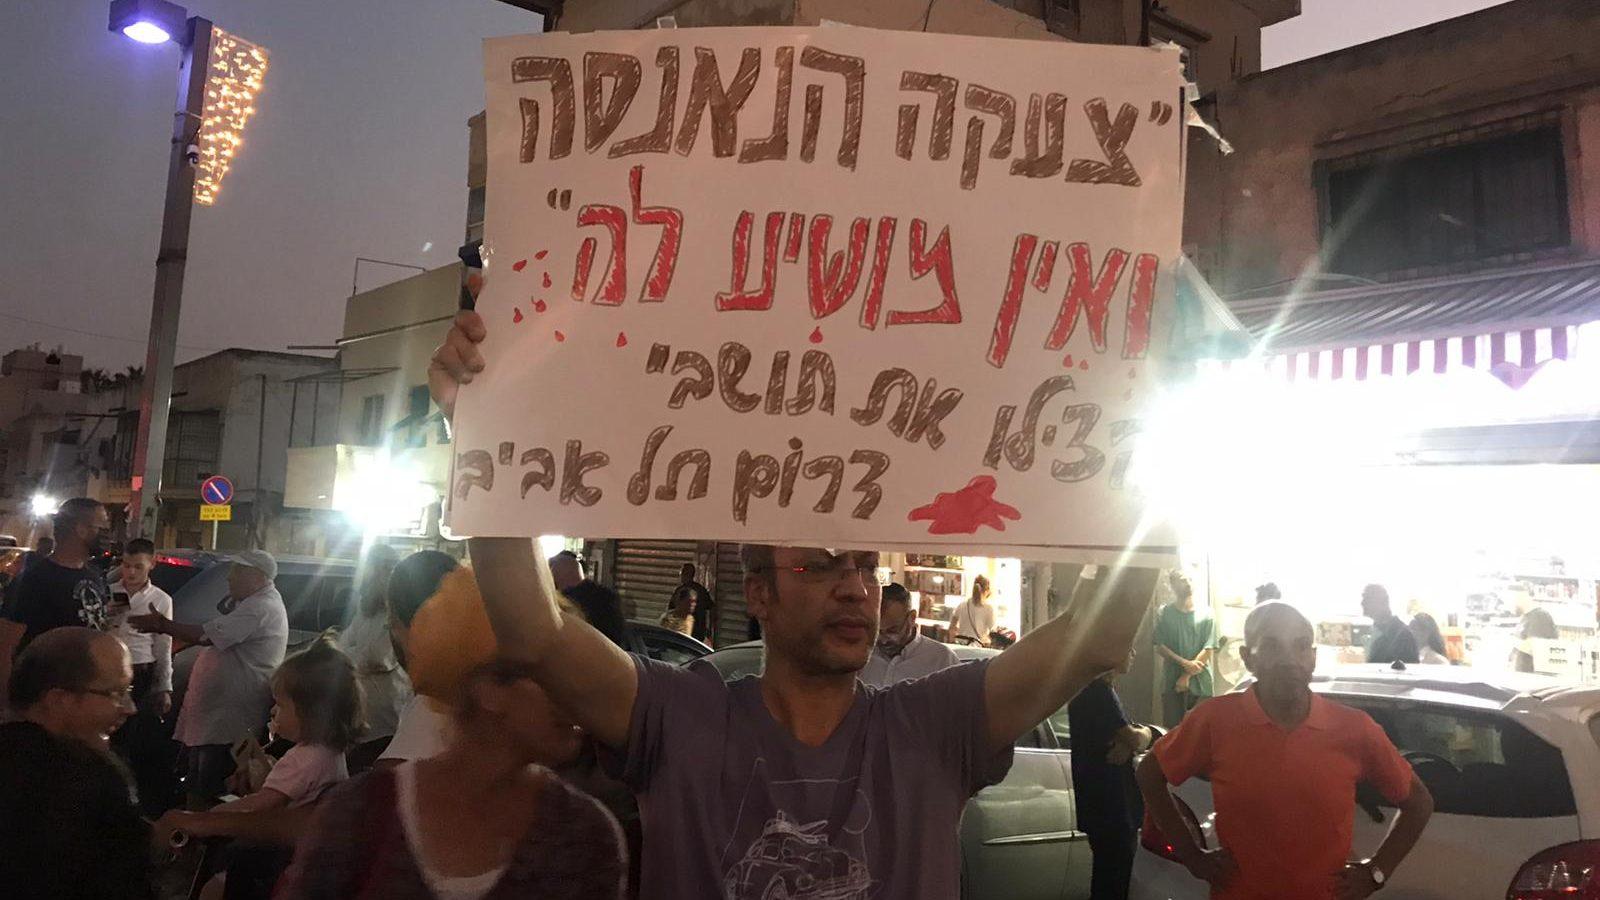 עשרה עצורים במחאה על אלימות המסתננים בדרום תל אביב